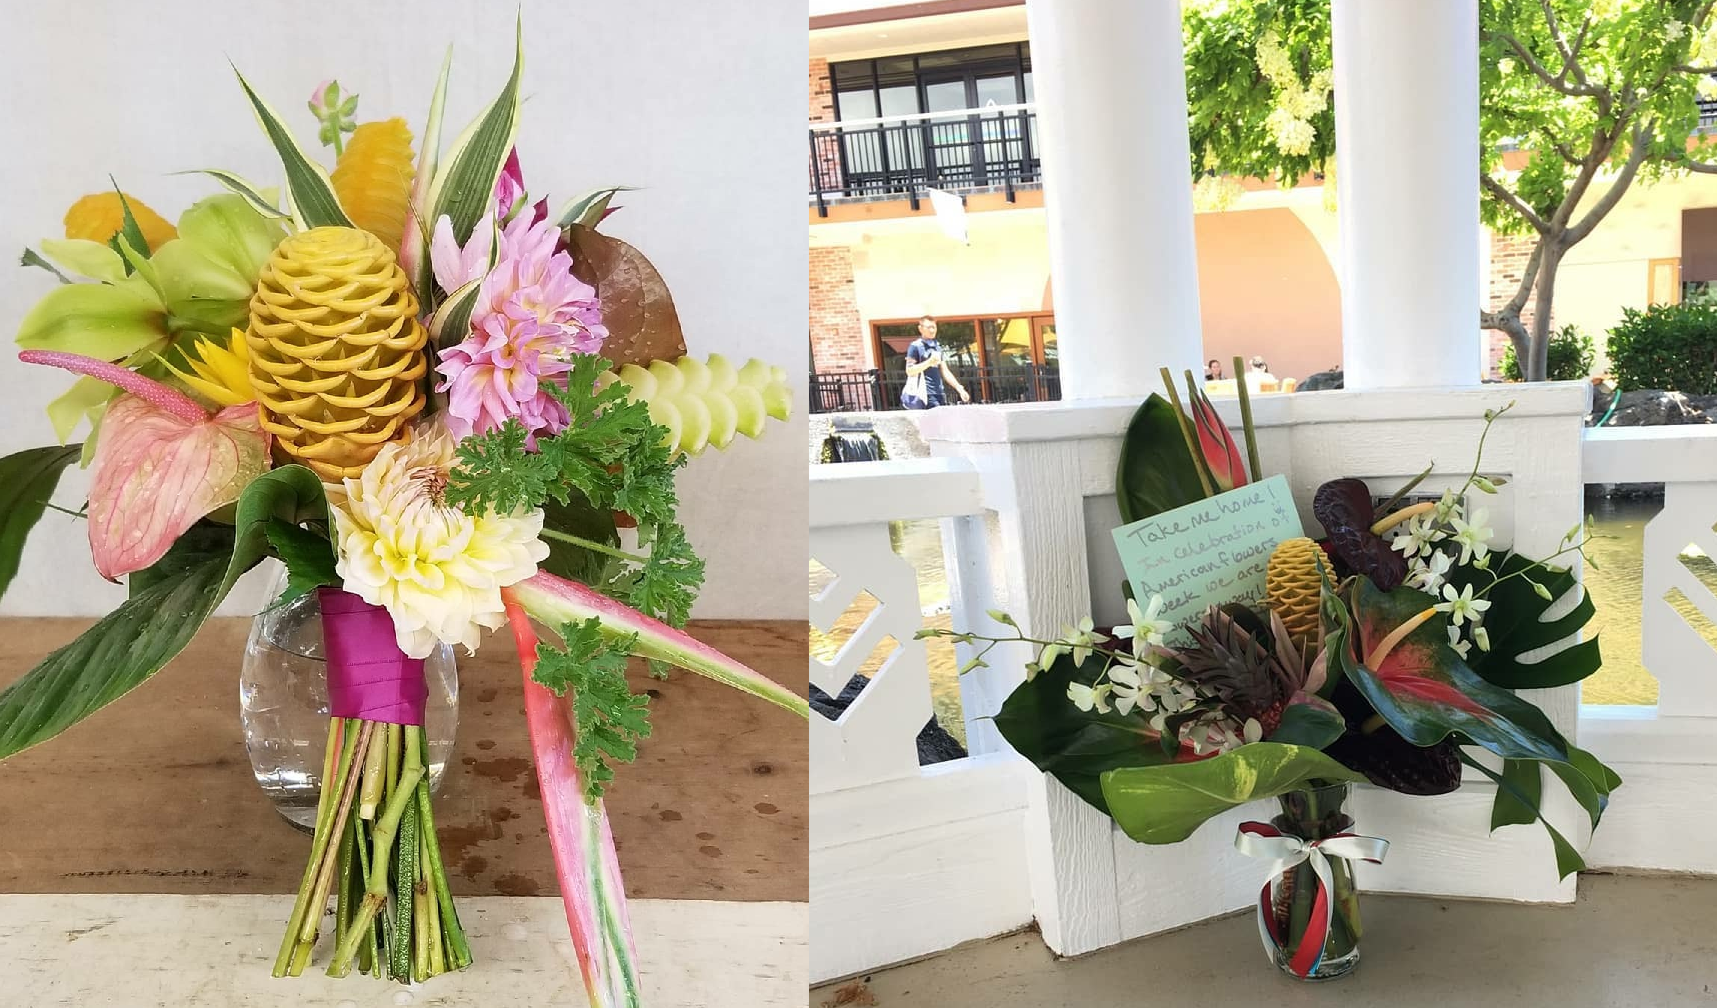 American Flowers Week June 28 To July 4 2019 Celebrating